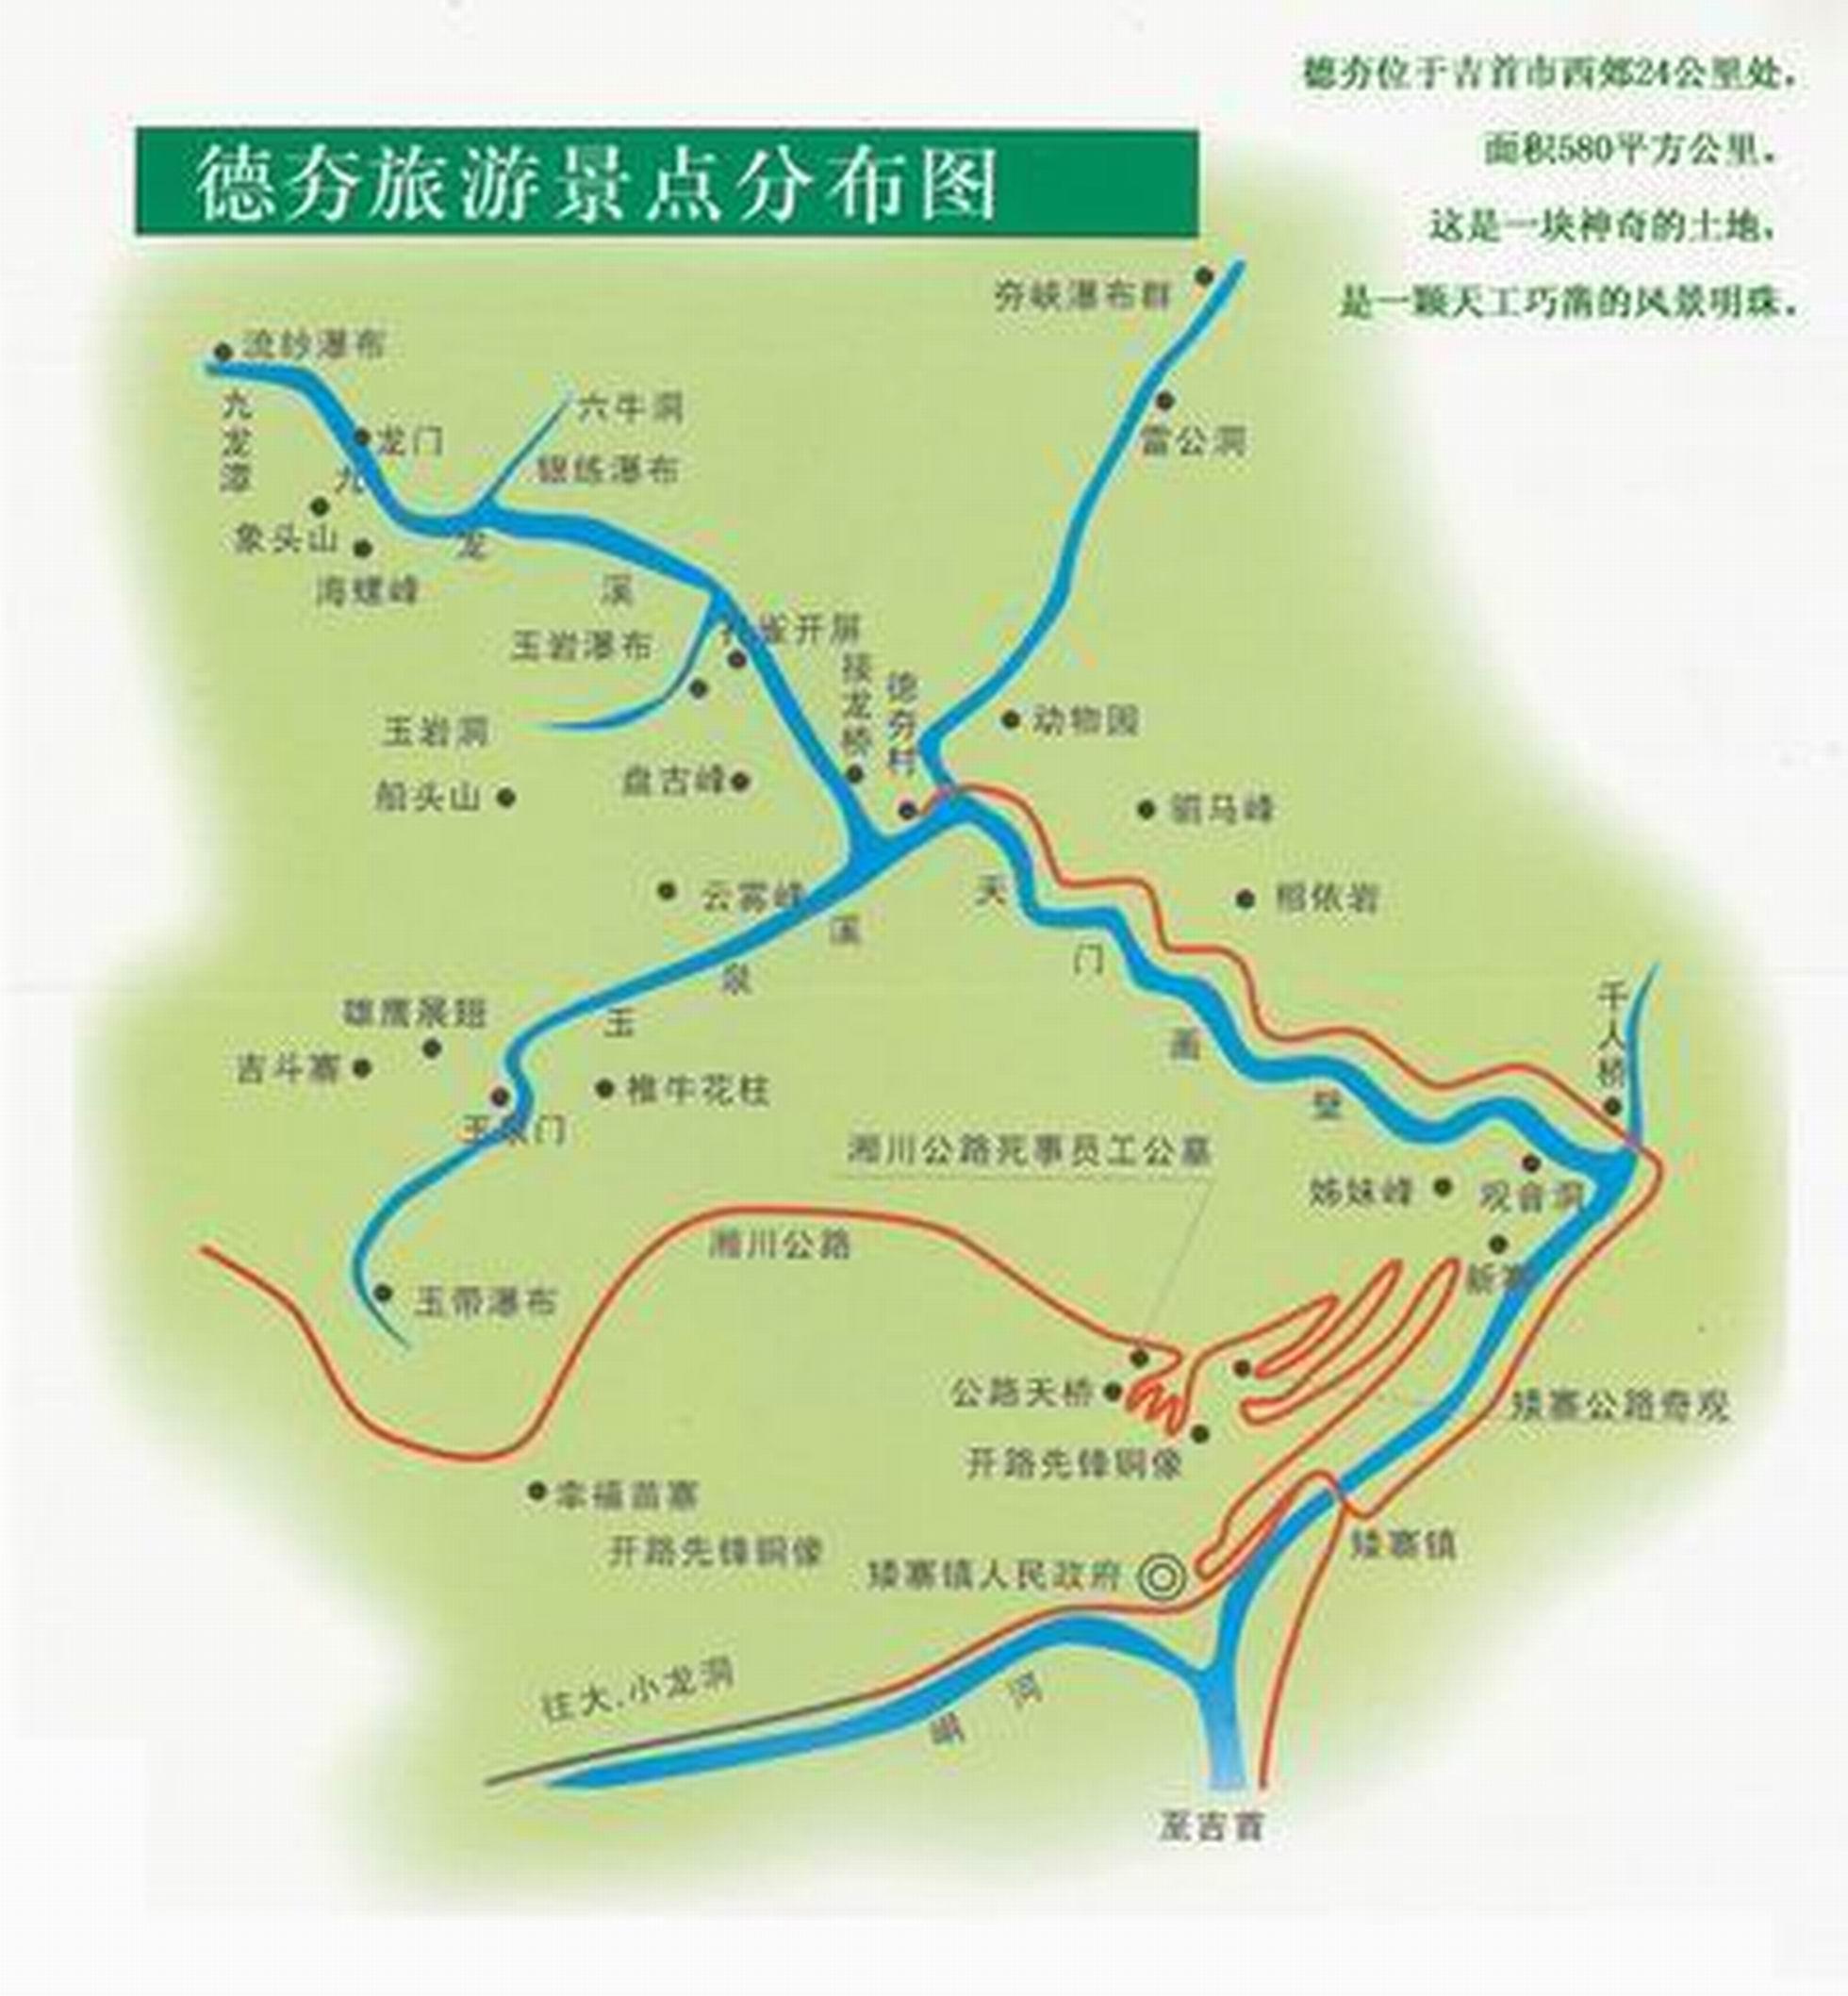 武陵源景区手绘图